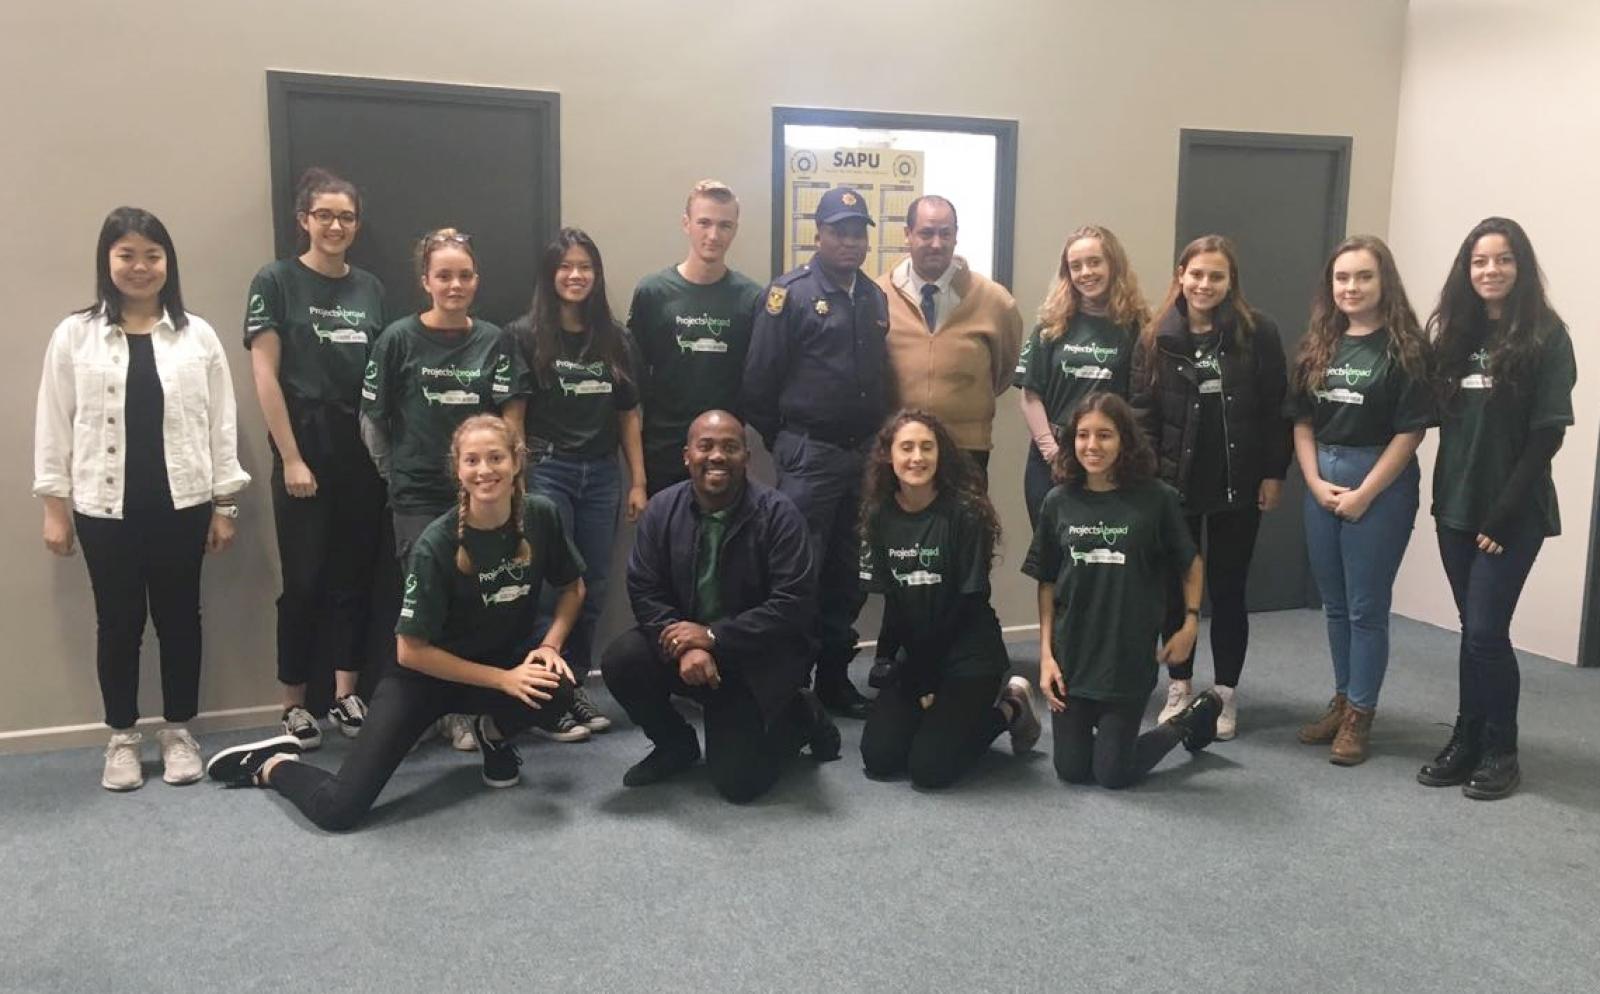 人権プログラムに参加中の高校生ボランティアが南アフリカ共和国のケープタウンにある警察署を訪問